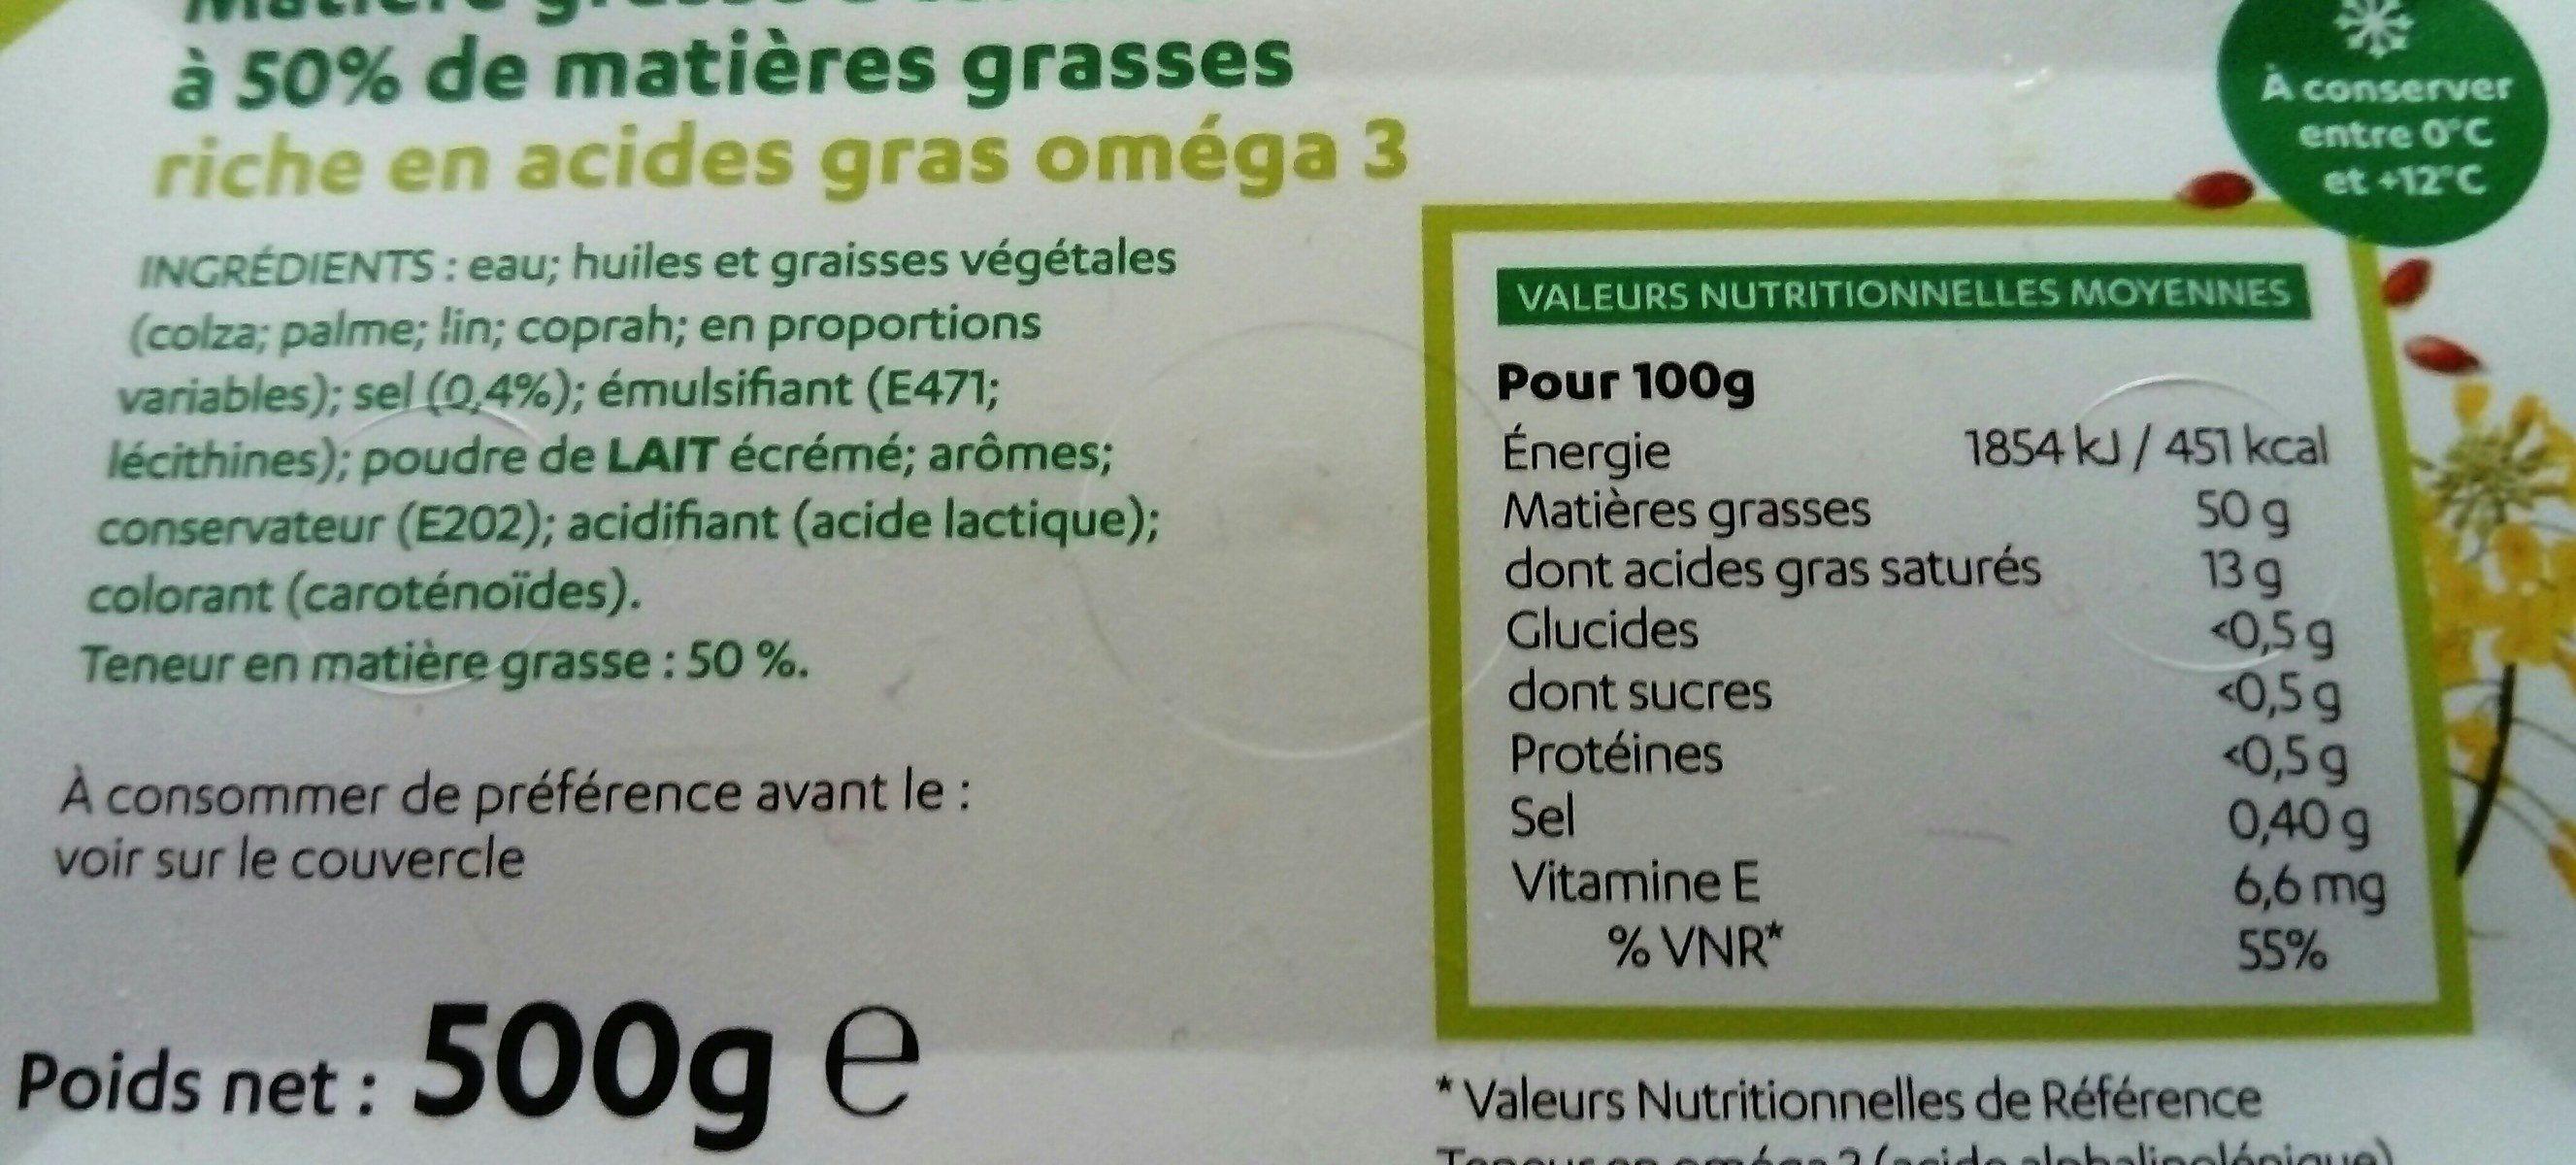 Matière grasse végétale - Ingrédients - fr